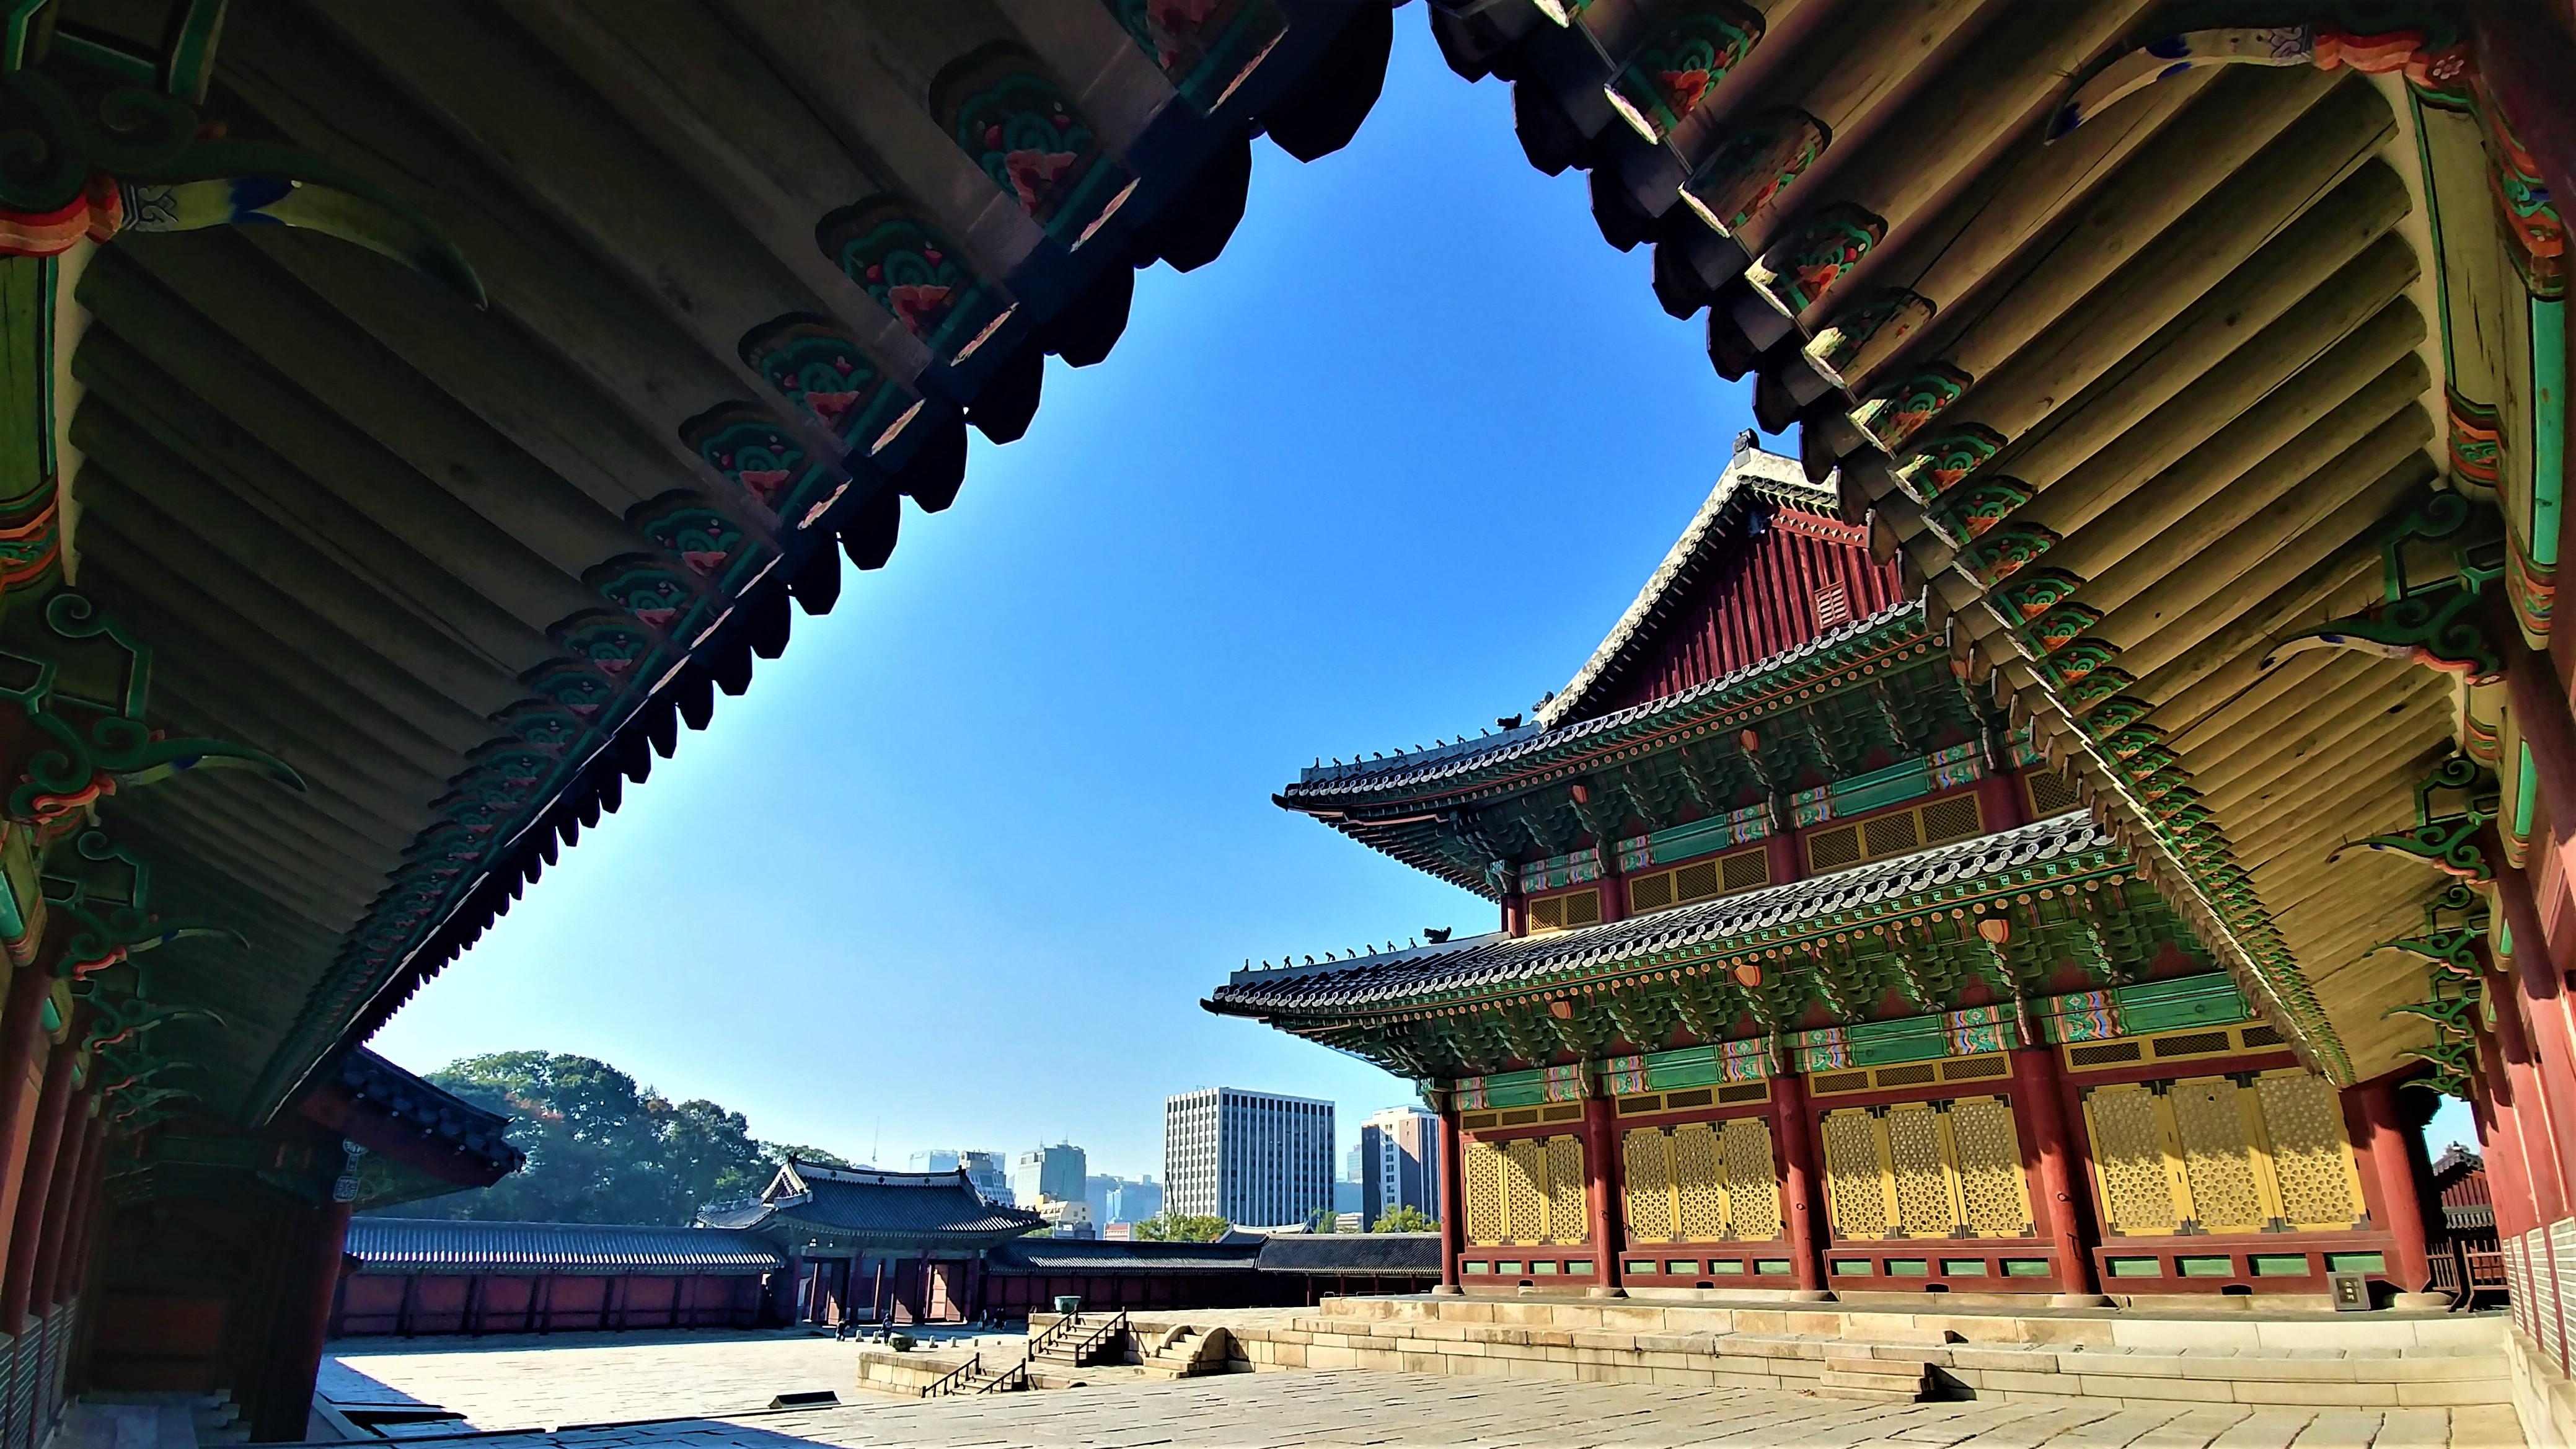 seoul changdeokgung que faire bukchon coree blog voyage arpenter le chemin